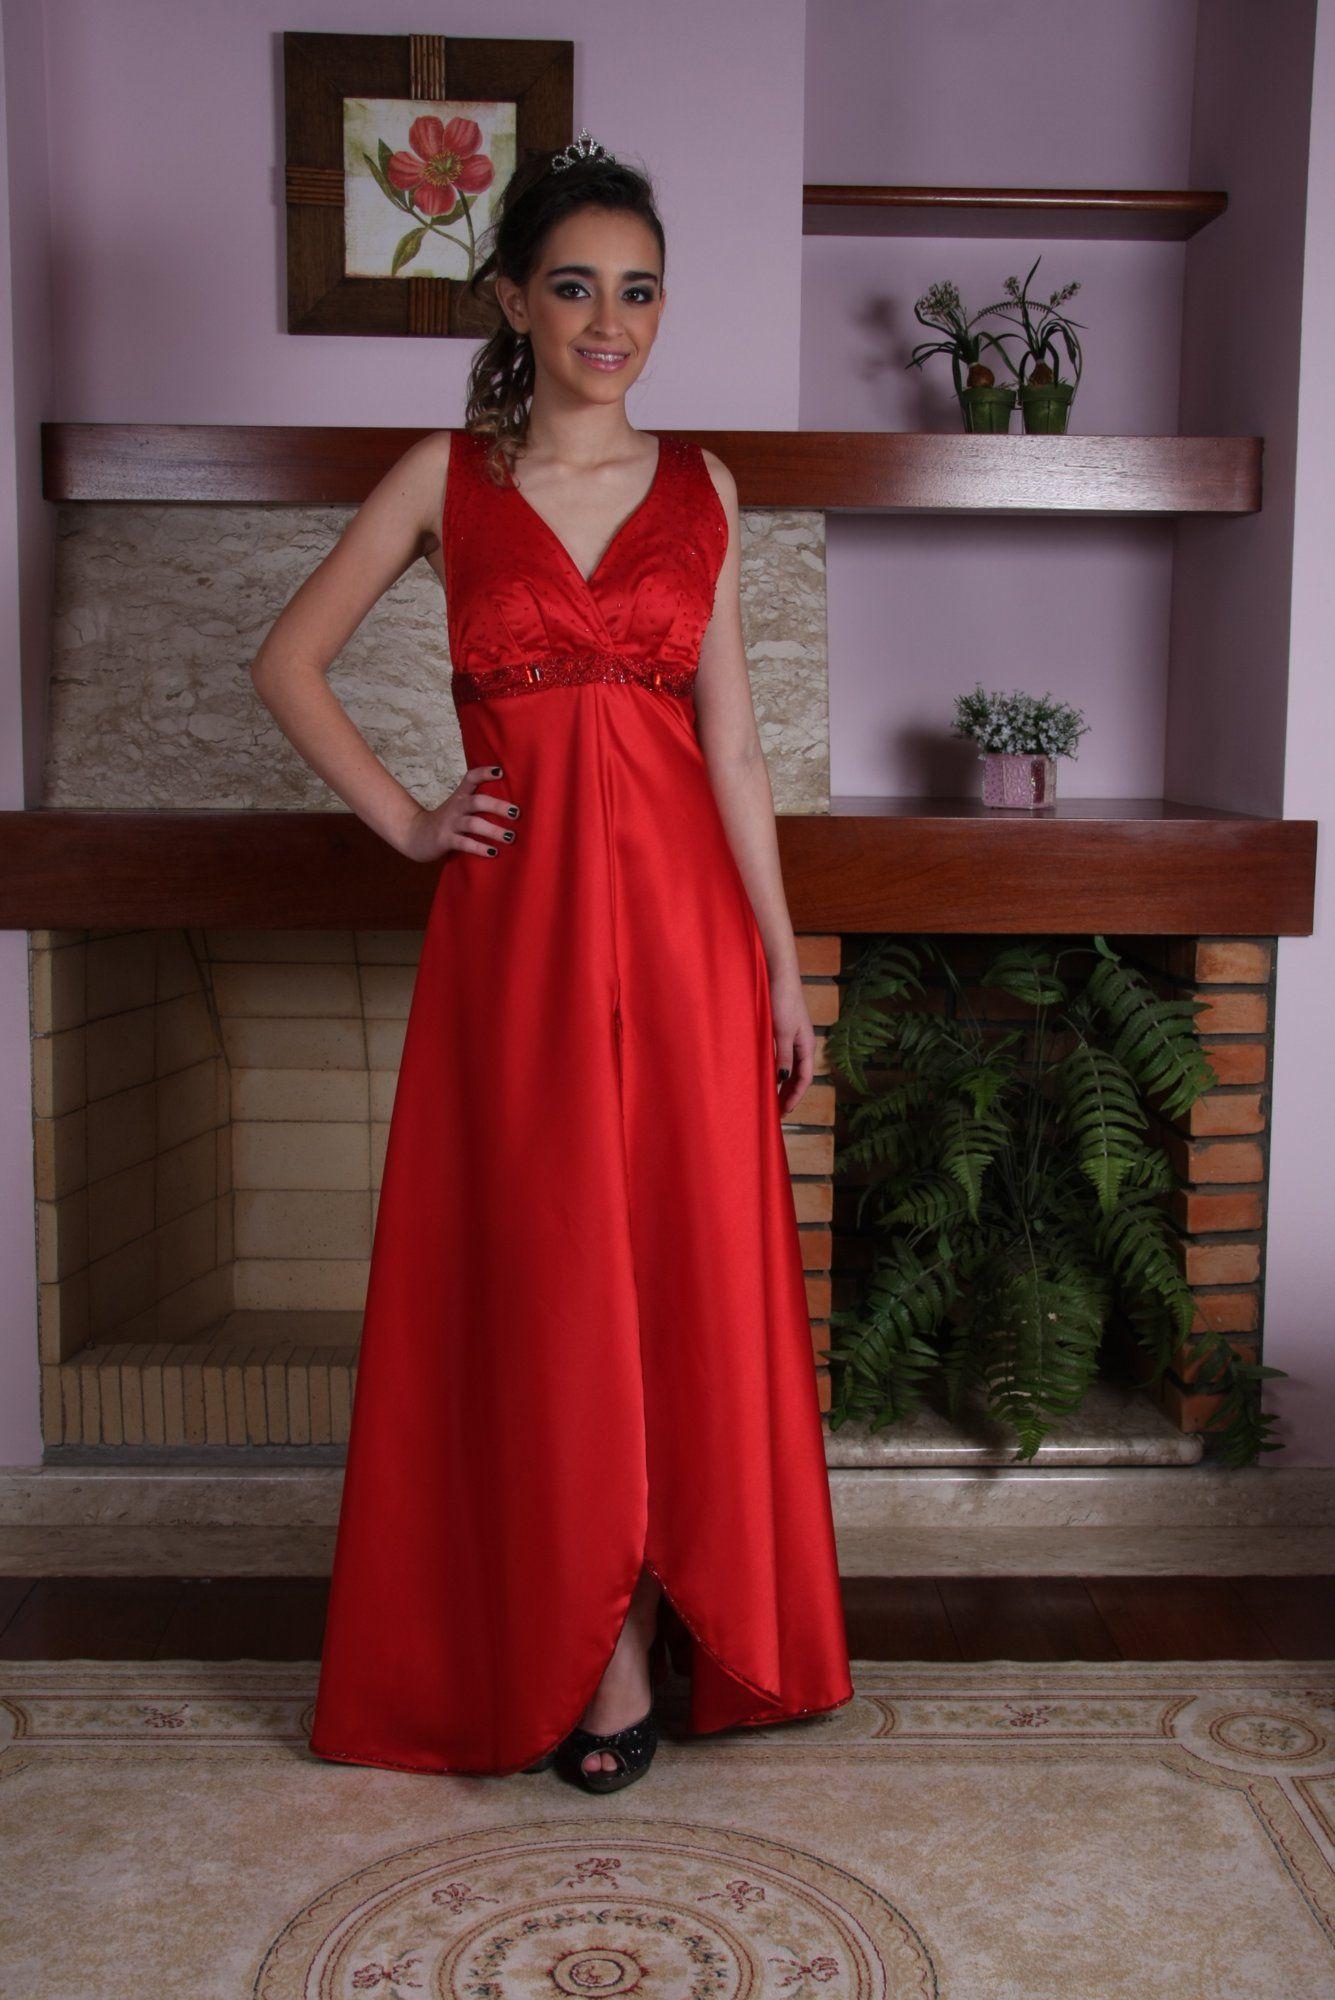 Vestido de Debutante Vermelho - 3 - Hipnose Alta Costura e Spa para Noivas e Noivos - Campinas - SP Vestido de Debutante, Vestido de Debutante Vermelho, Hipnose Alta Costura